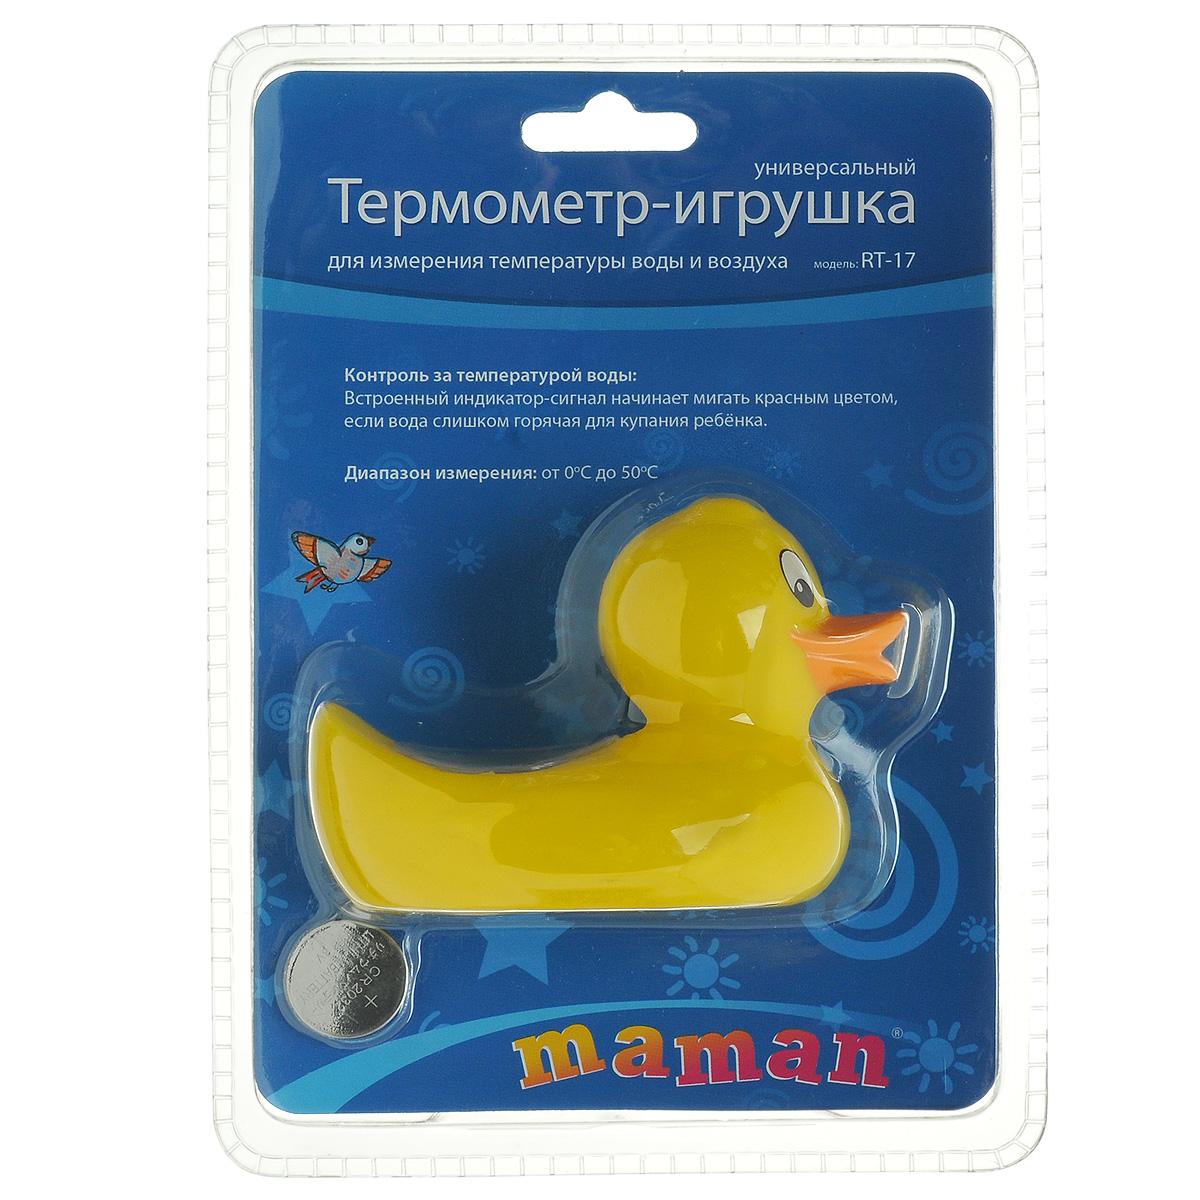 Термометр для воды Maman Утенок, цифровойRT-17_утенокЦифровой термометр Maman Утенок, предназначенный для воды и комнатной температуры, позволит вам удобно контролировать температуру как в детской, так и в ванне. Кроме того, во время купания термометр, выполненный в виде милой уточки, может использоваться как игрушка. Температура воды будет отображаться на экране прибора спустя 30-60 секунд нахождения в ванне. Если вода слишком горячая для купания ребенка, то встроенный индикатор-сигнал начинает мигать красным цветом. Цифровой термометр работает от батарейки типа CR2032 (товар комплектуется демонстрационной). Также в комплекте запасная батарейка. Диапазон измерений: от 0° C до 50° C.